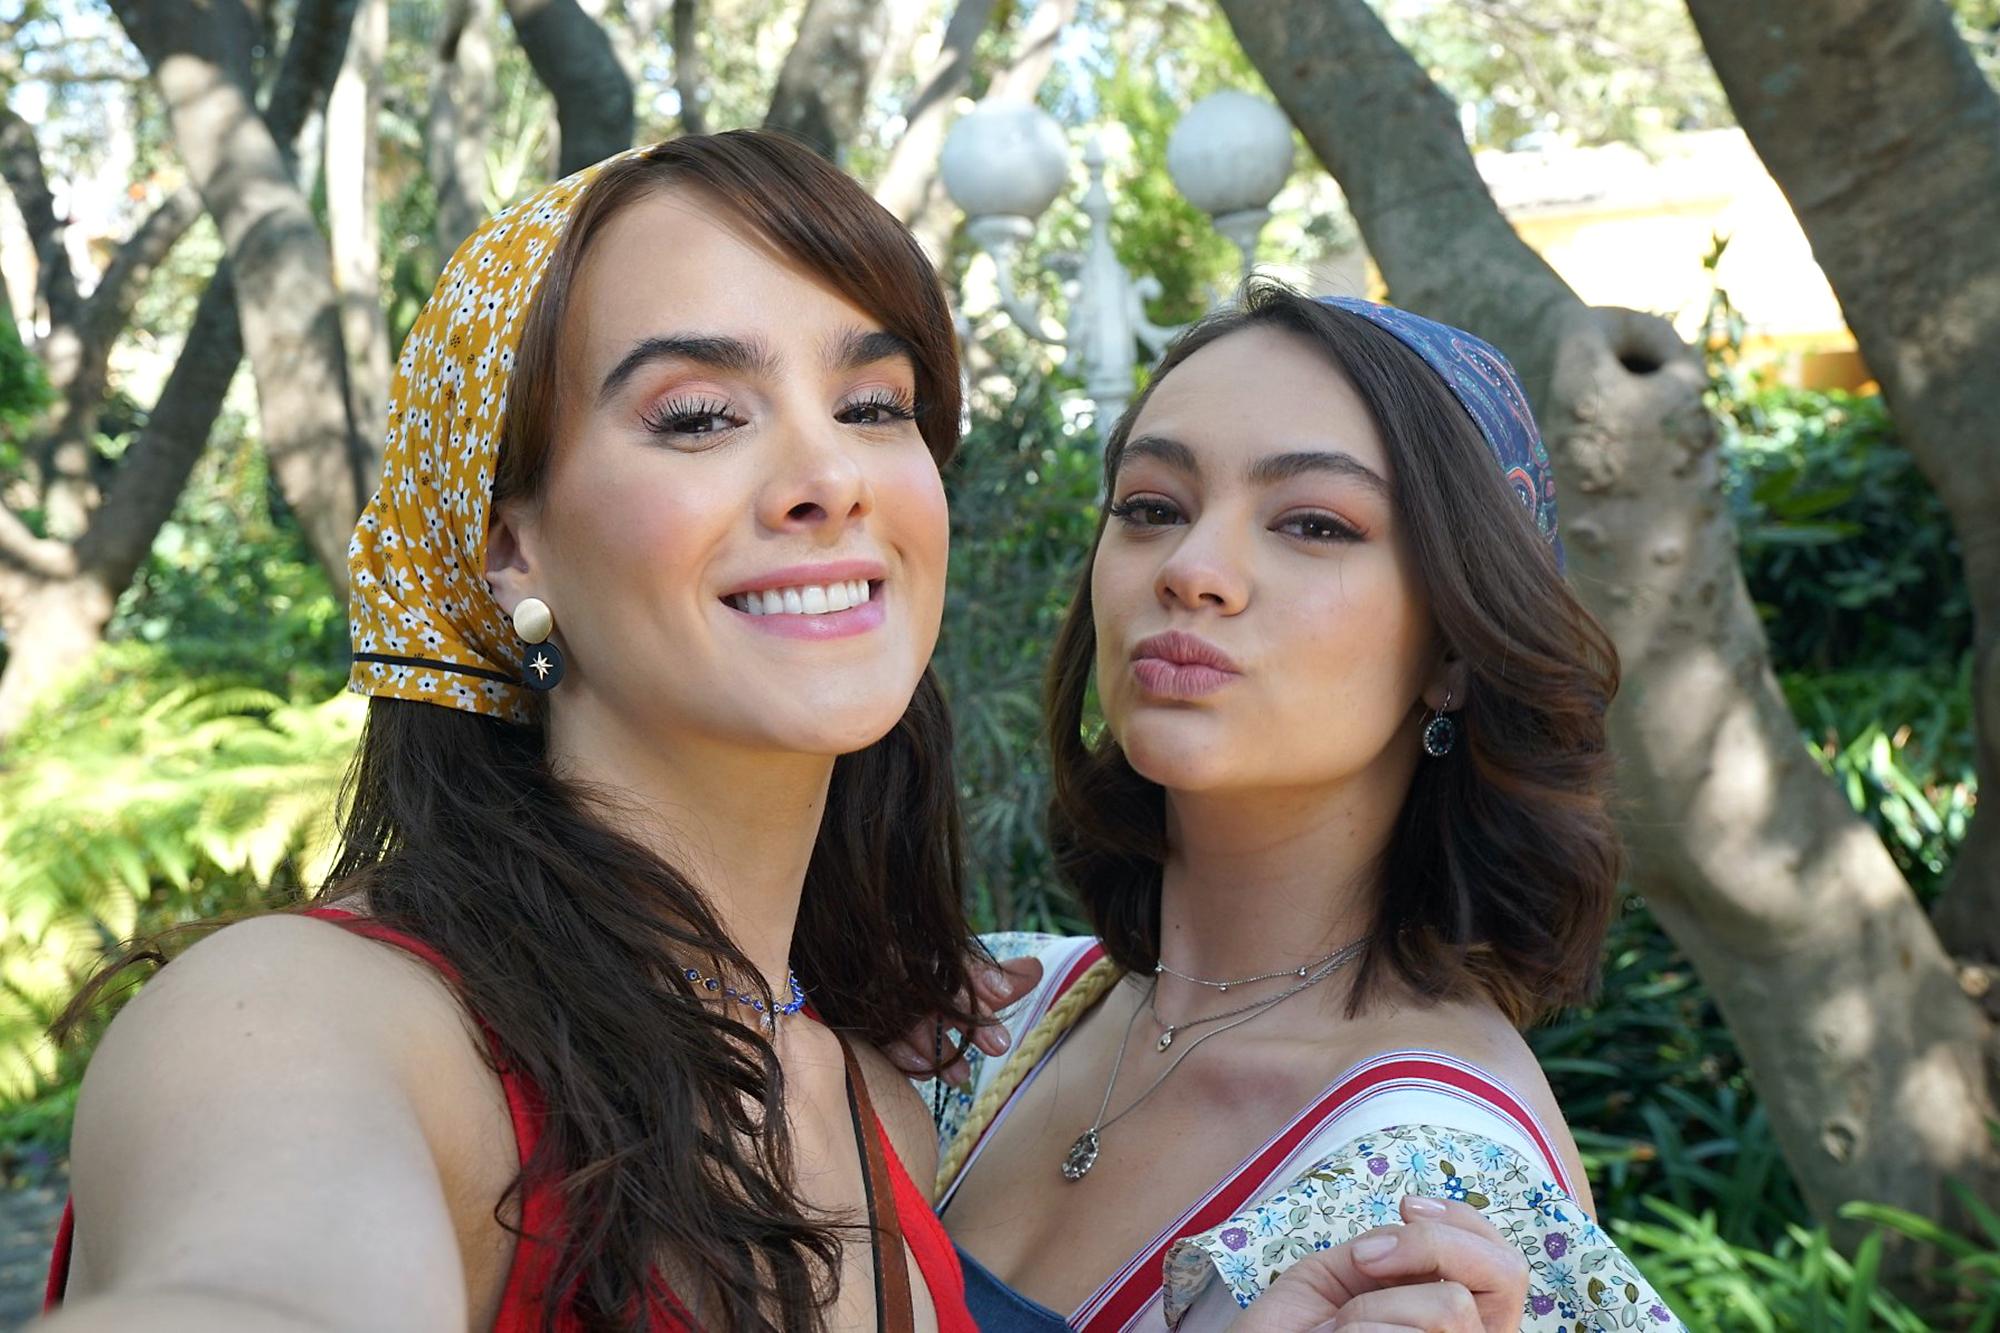 """Gala Montes y Ale Muller en una escena del primer capítulo de la telenovela """"Diseñando Tu Amor"""